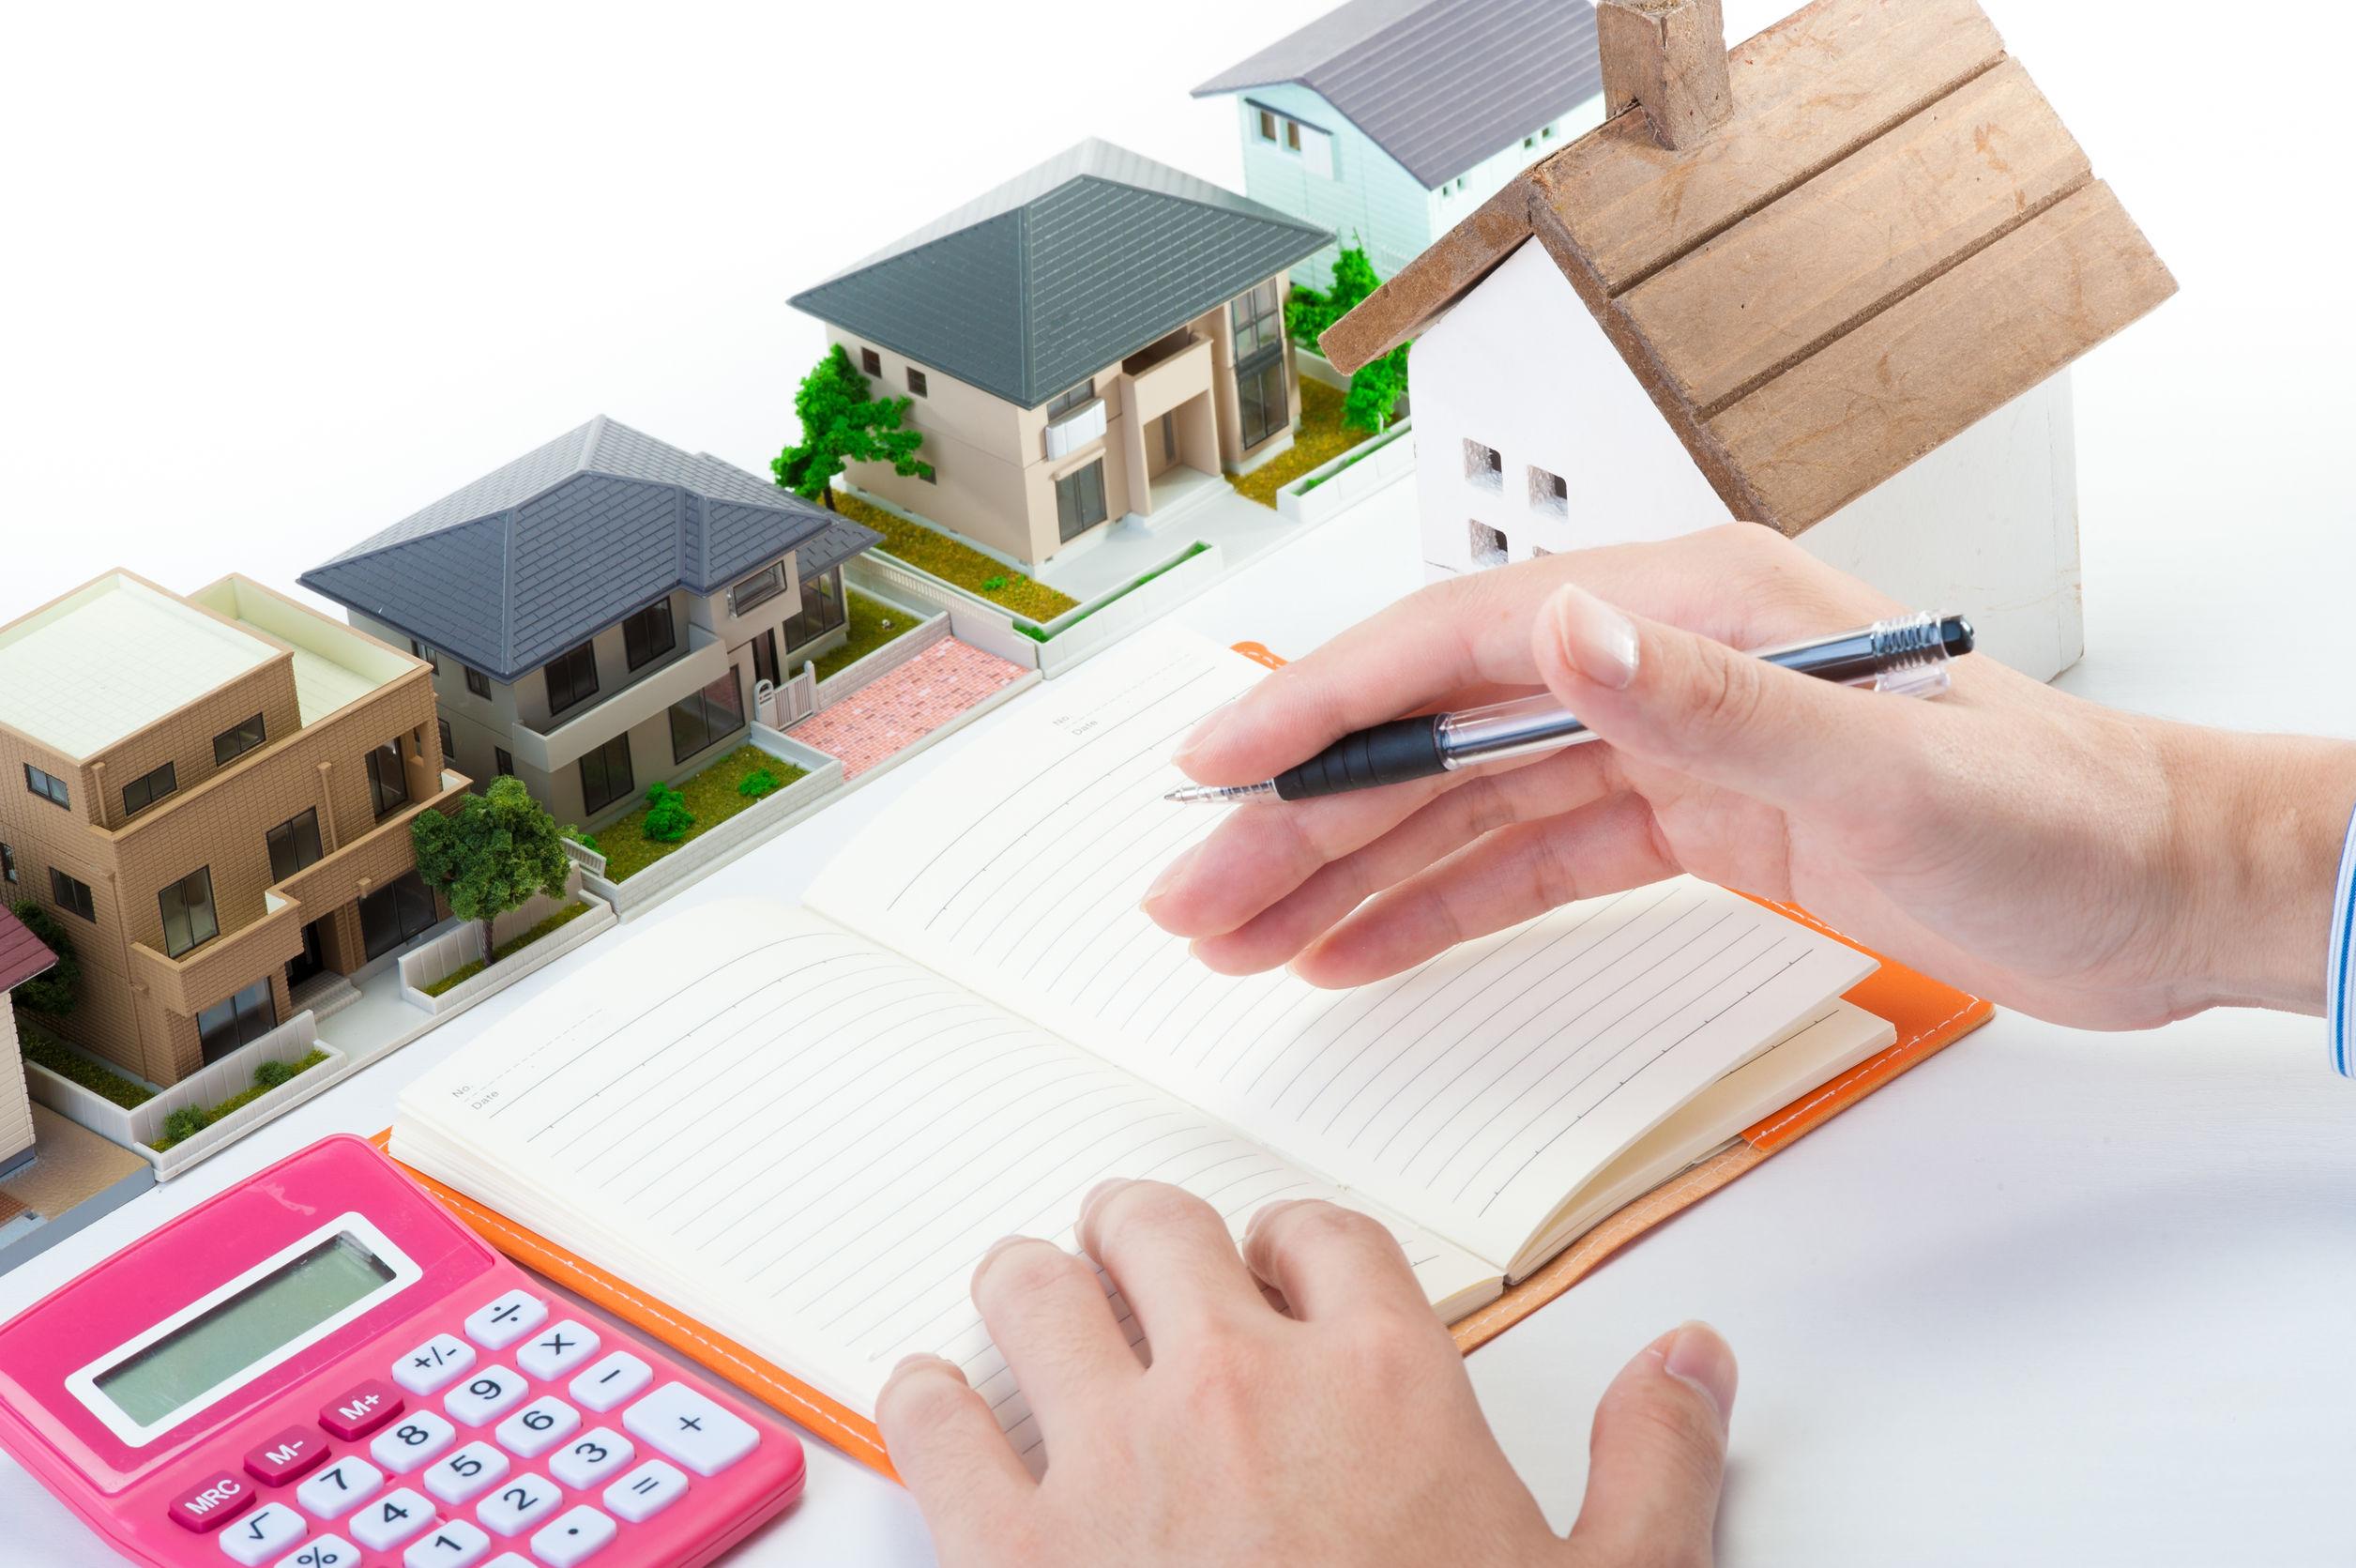 étape construction maison, faire bâtir sa maison, économies pour la construction de maison